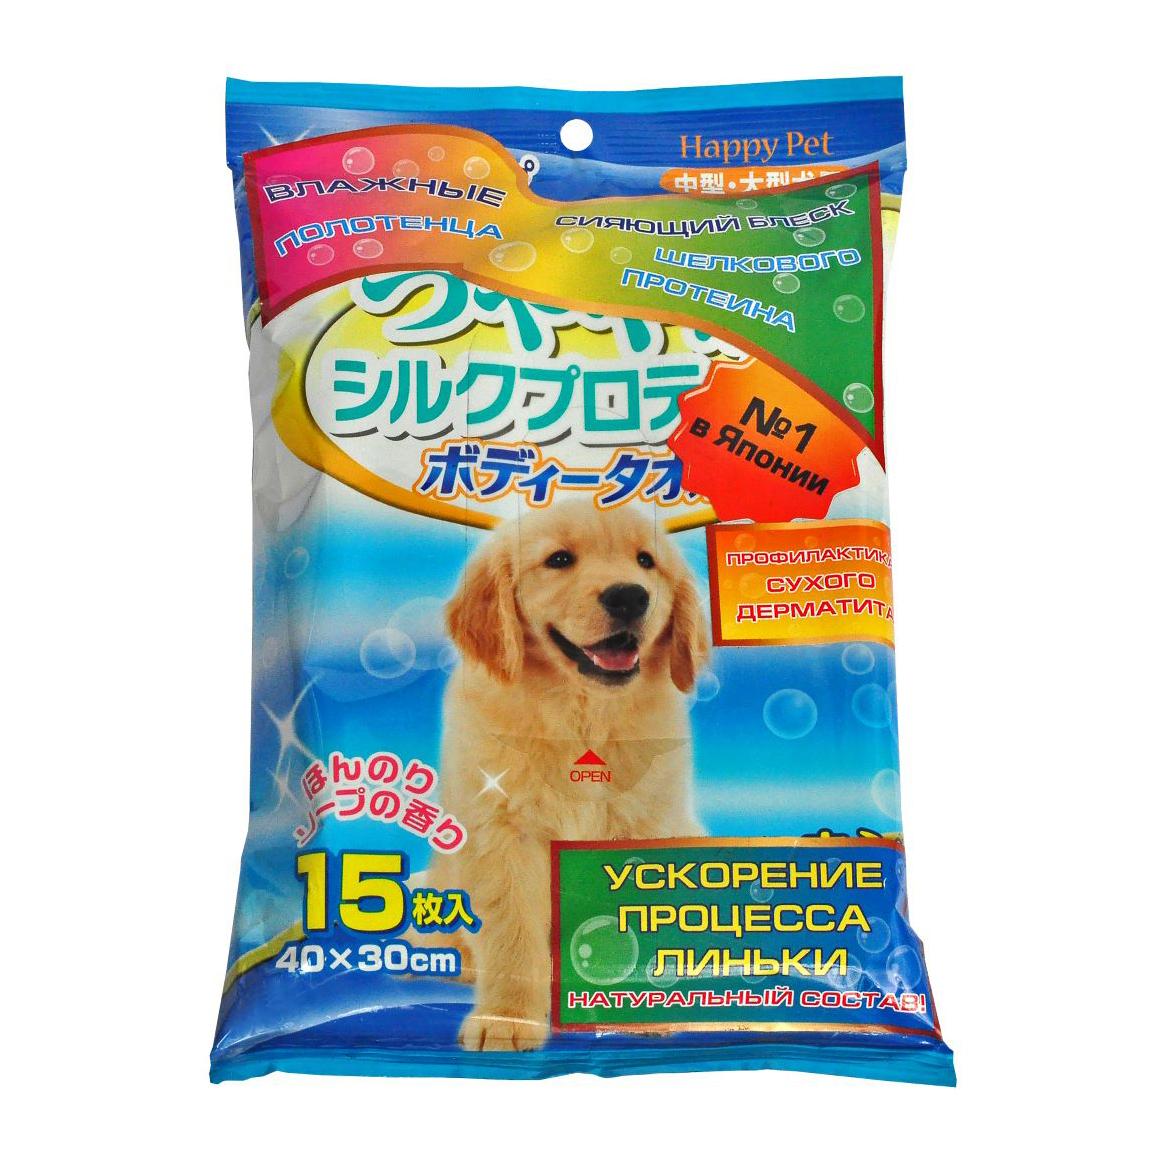 Полотенца для экспресс купания без воды Japan